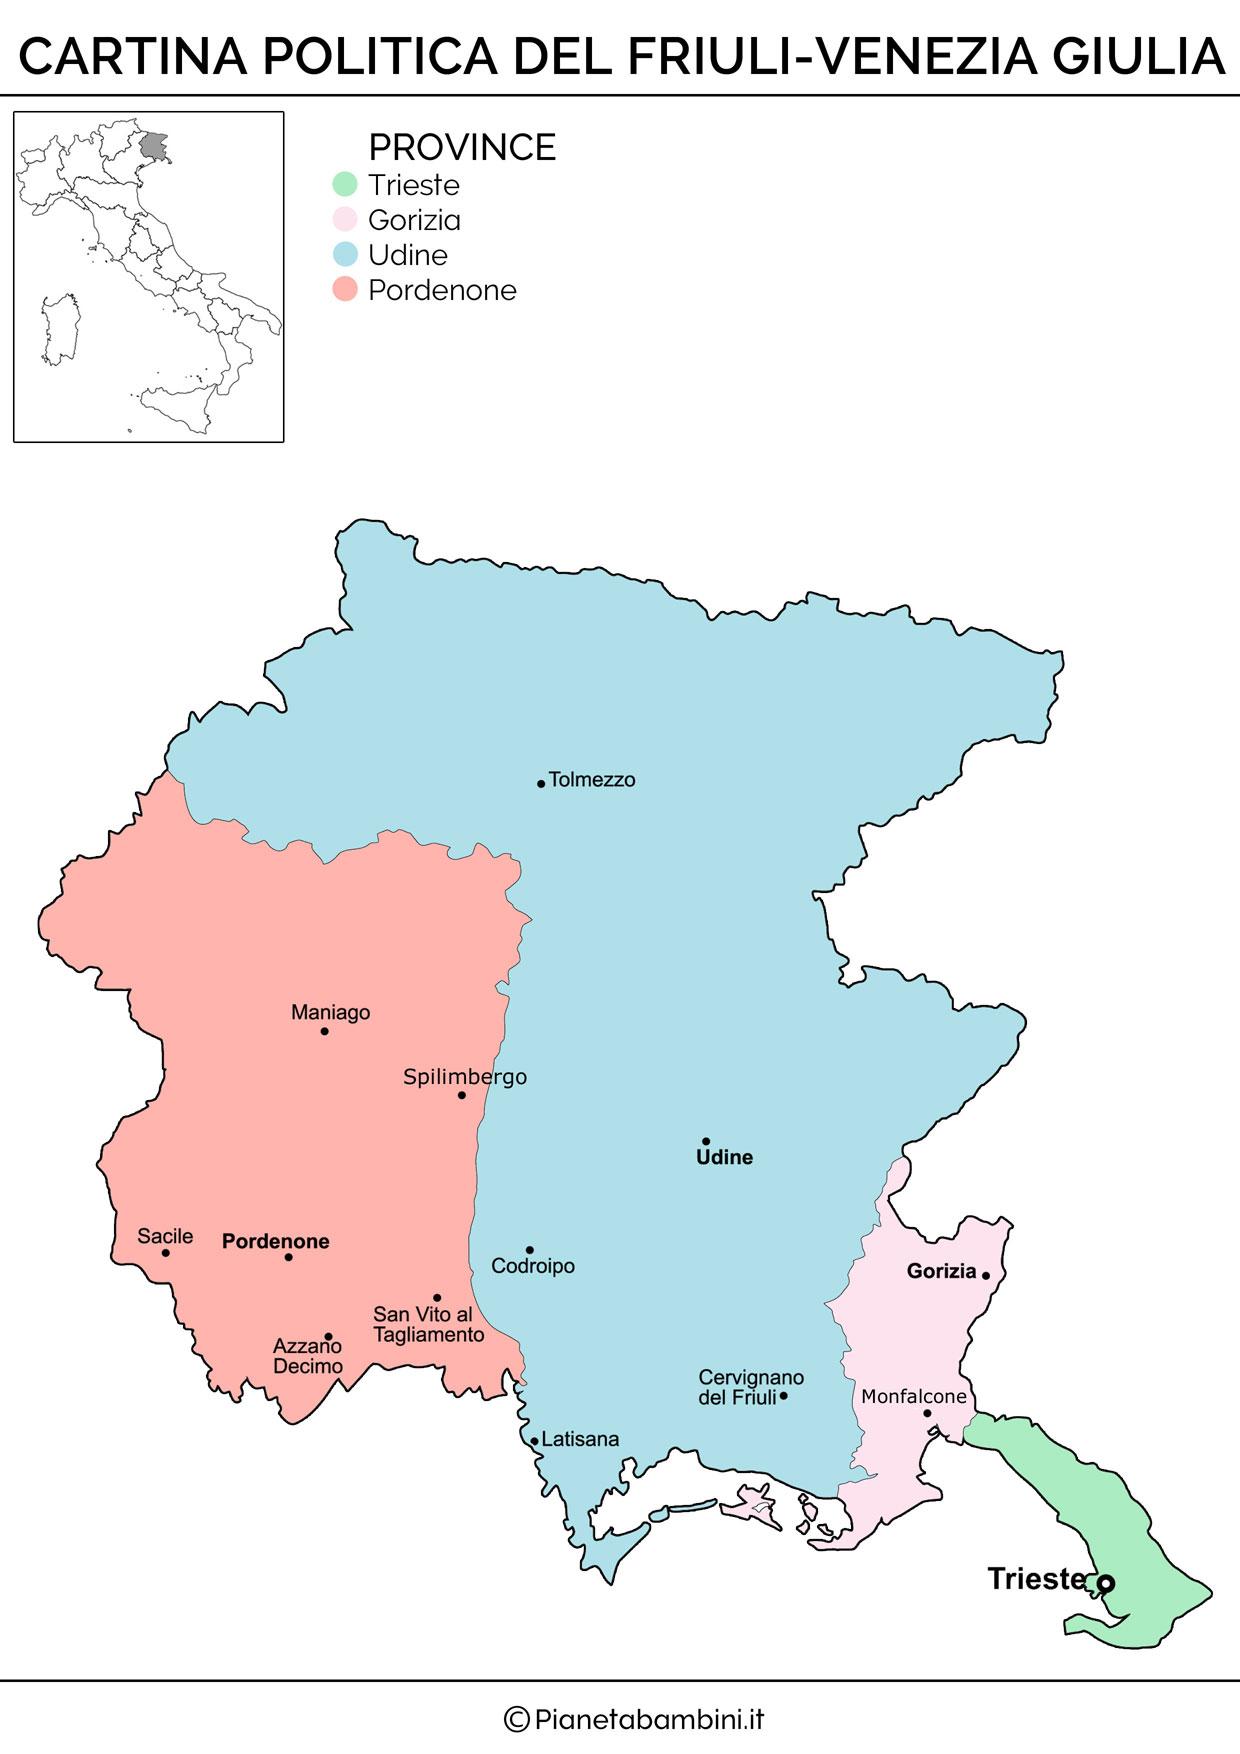 Cartina politica del Friuli Venezia Giulia da stampare gratis